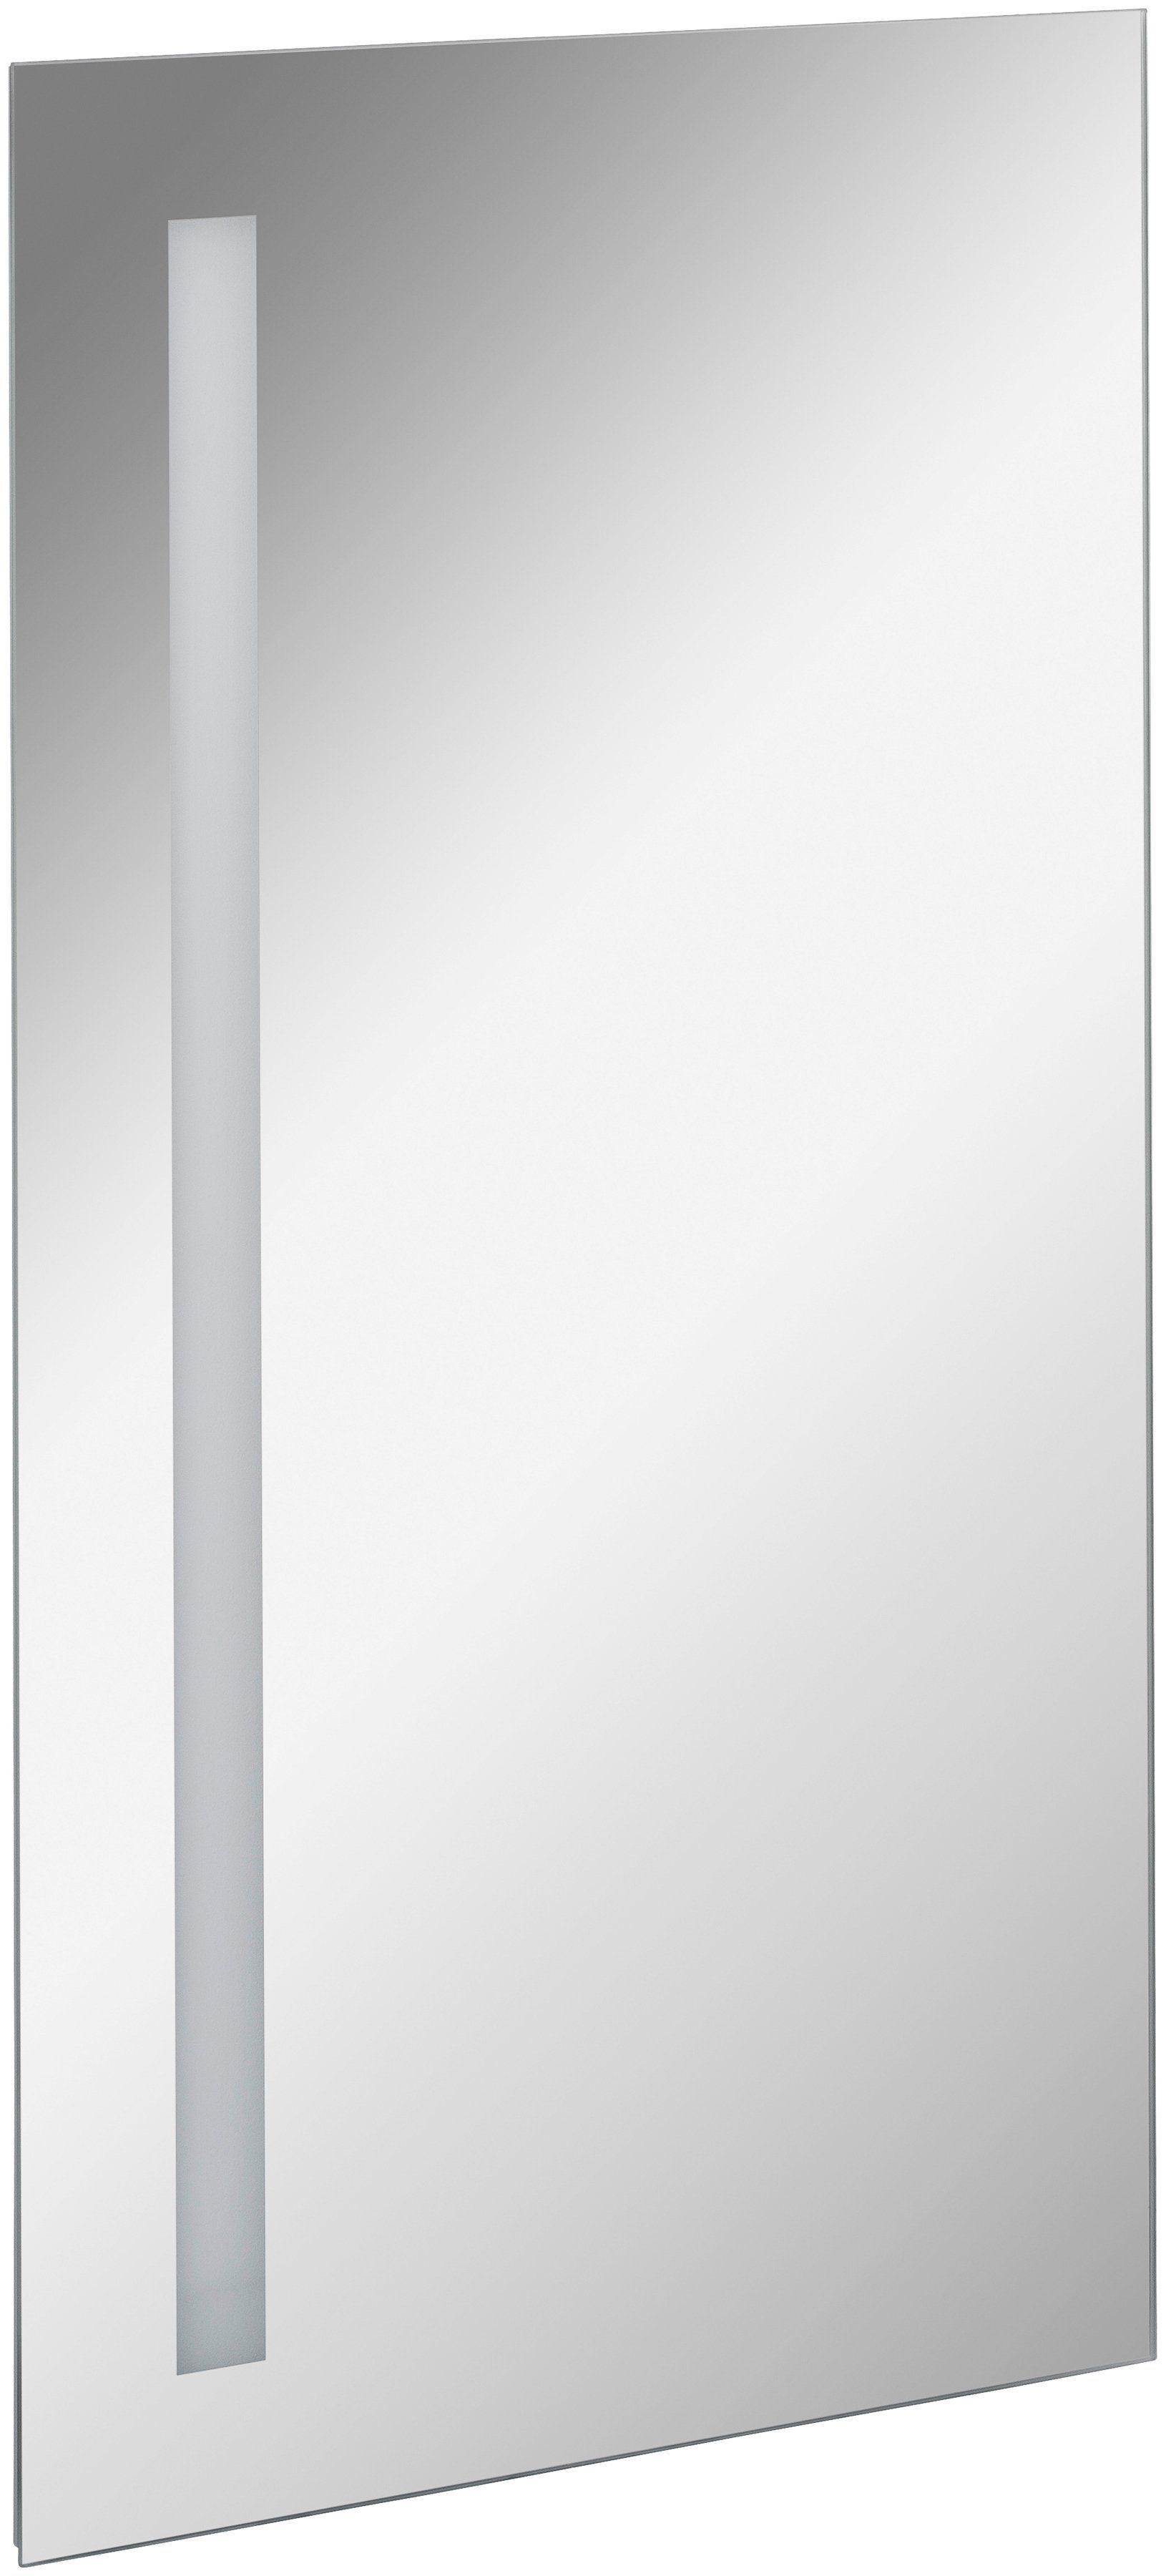 FACKELMANN Spiegelelement »LINEAR«, Breite 40 cm